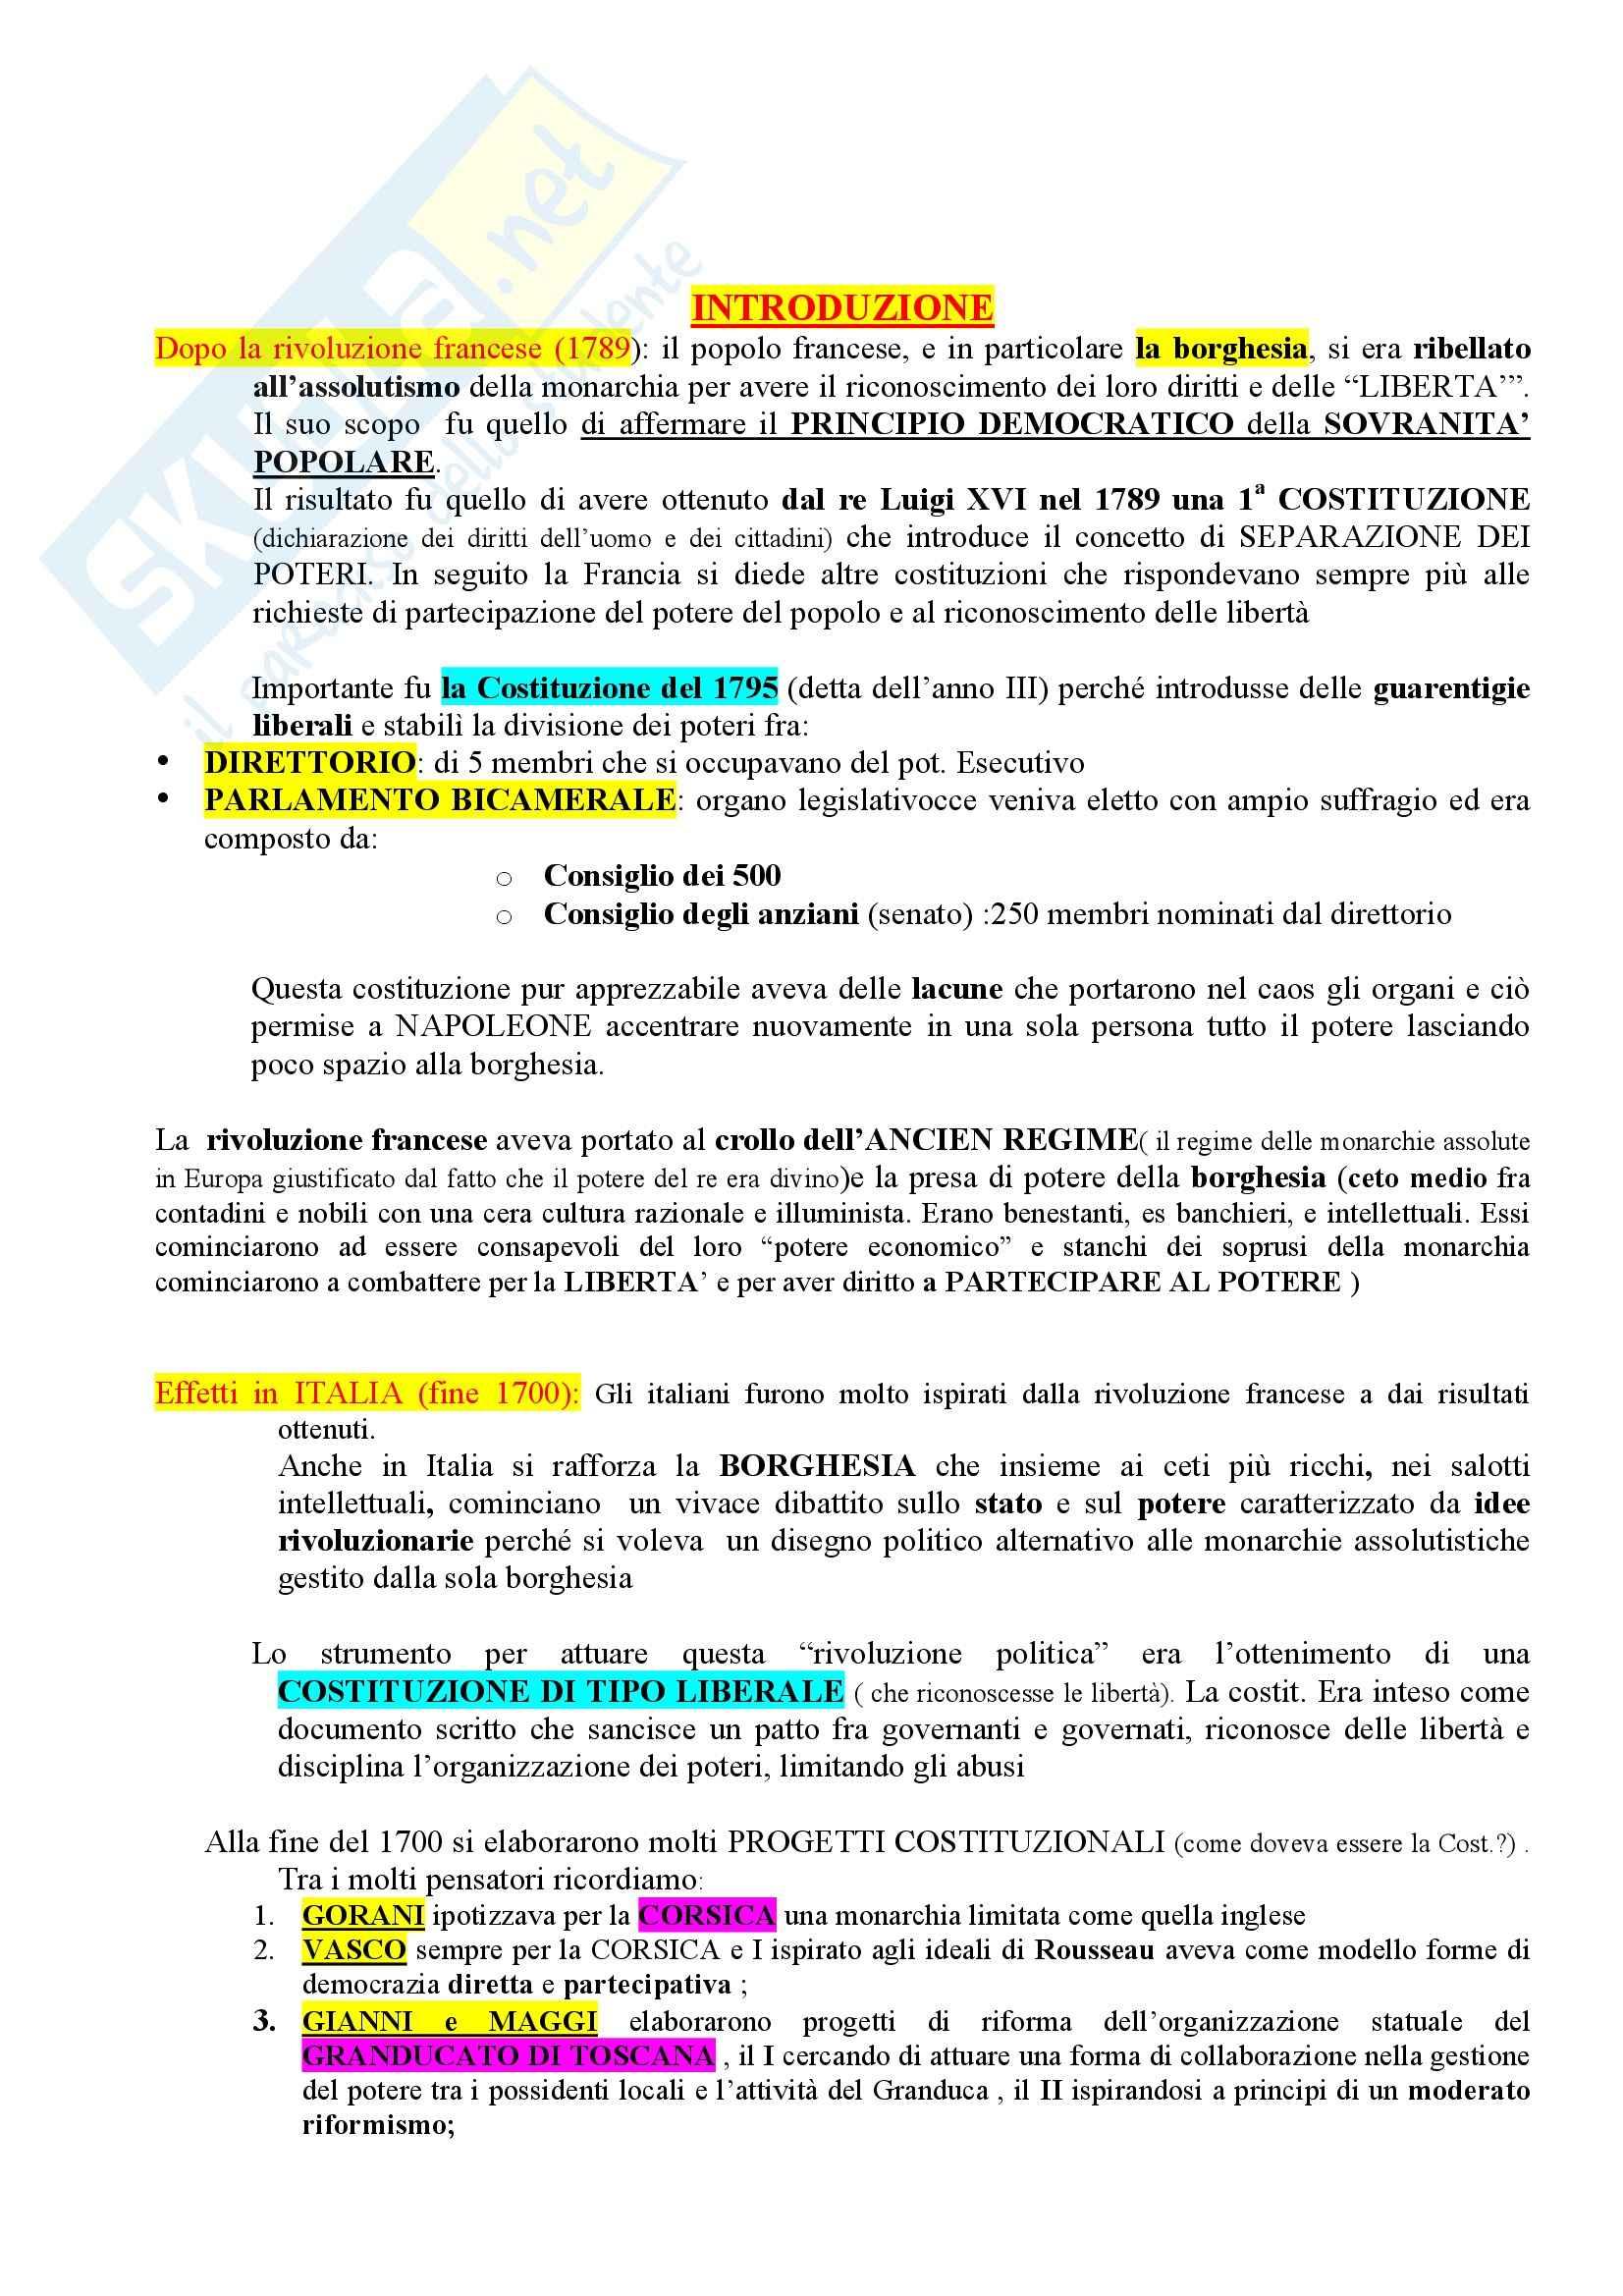 Riassunto esame Storia del diritto costituzionale, prof. Girotto, libro consigliato Storia Costituzionale d'Italia, Ghisalberti